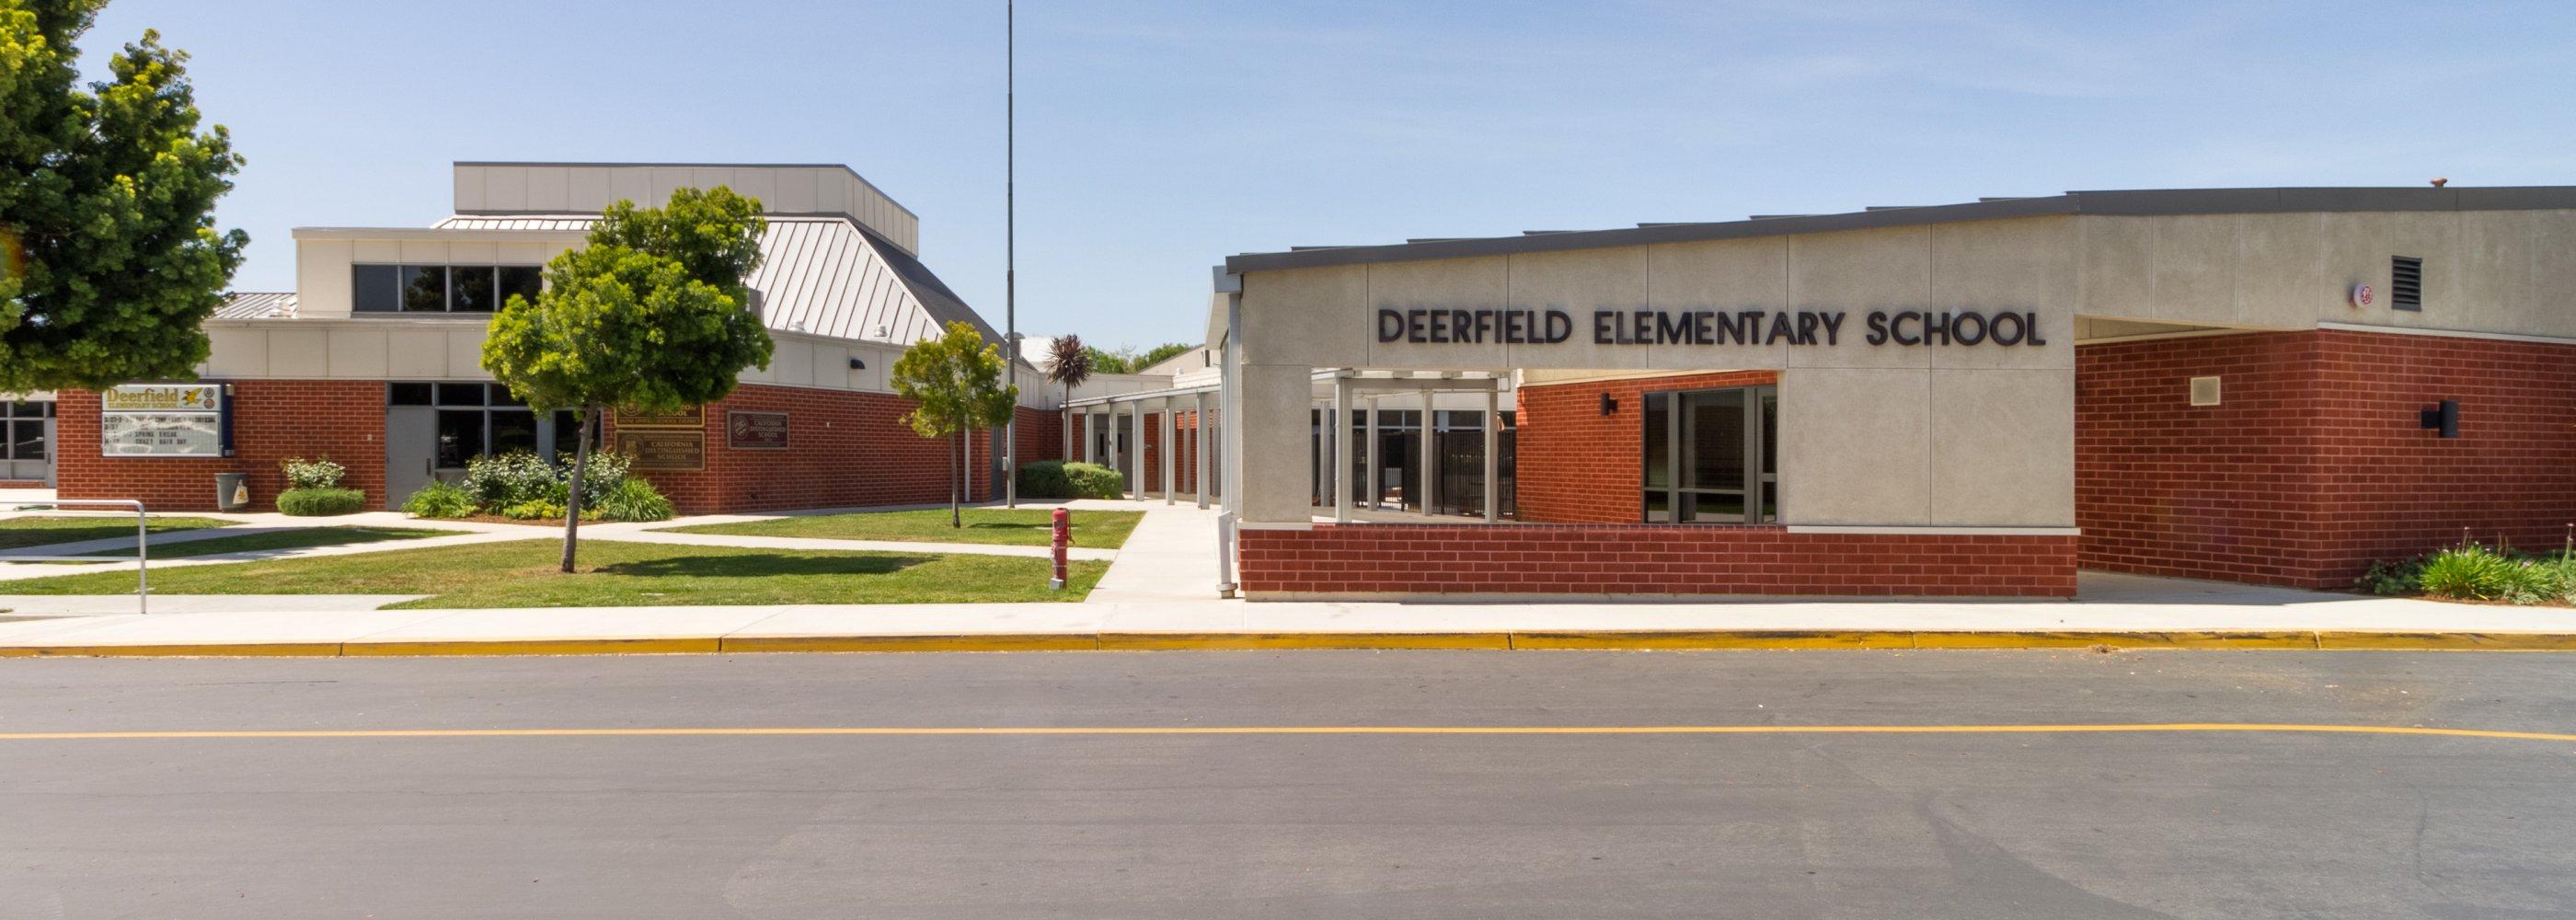 front of Deerfield school